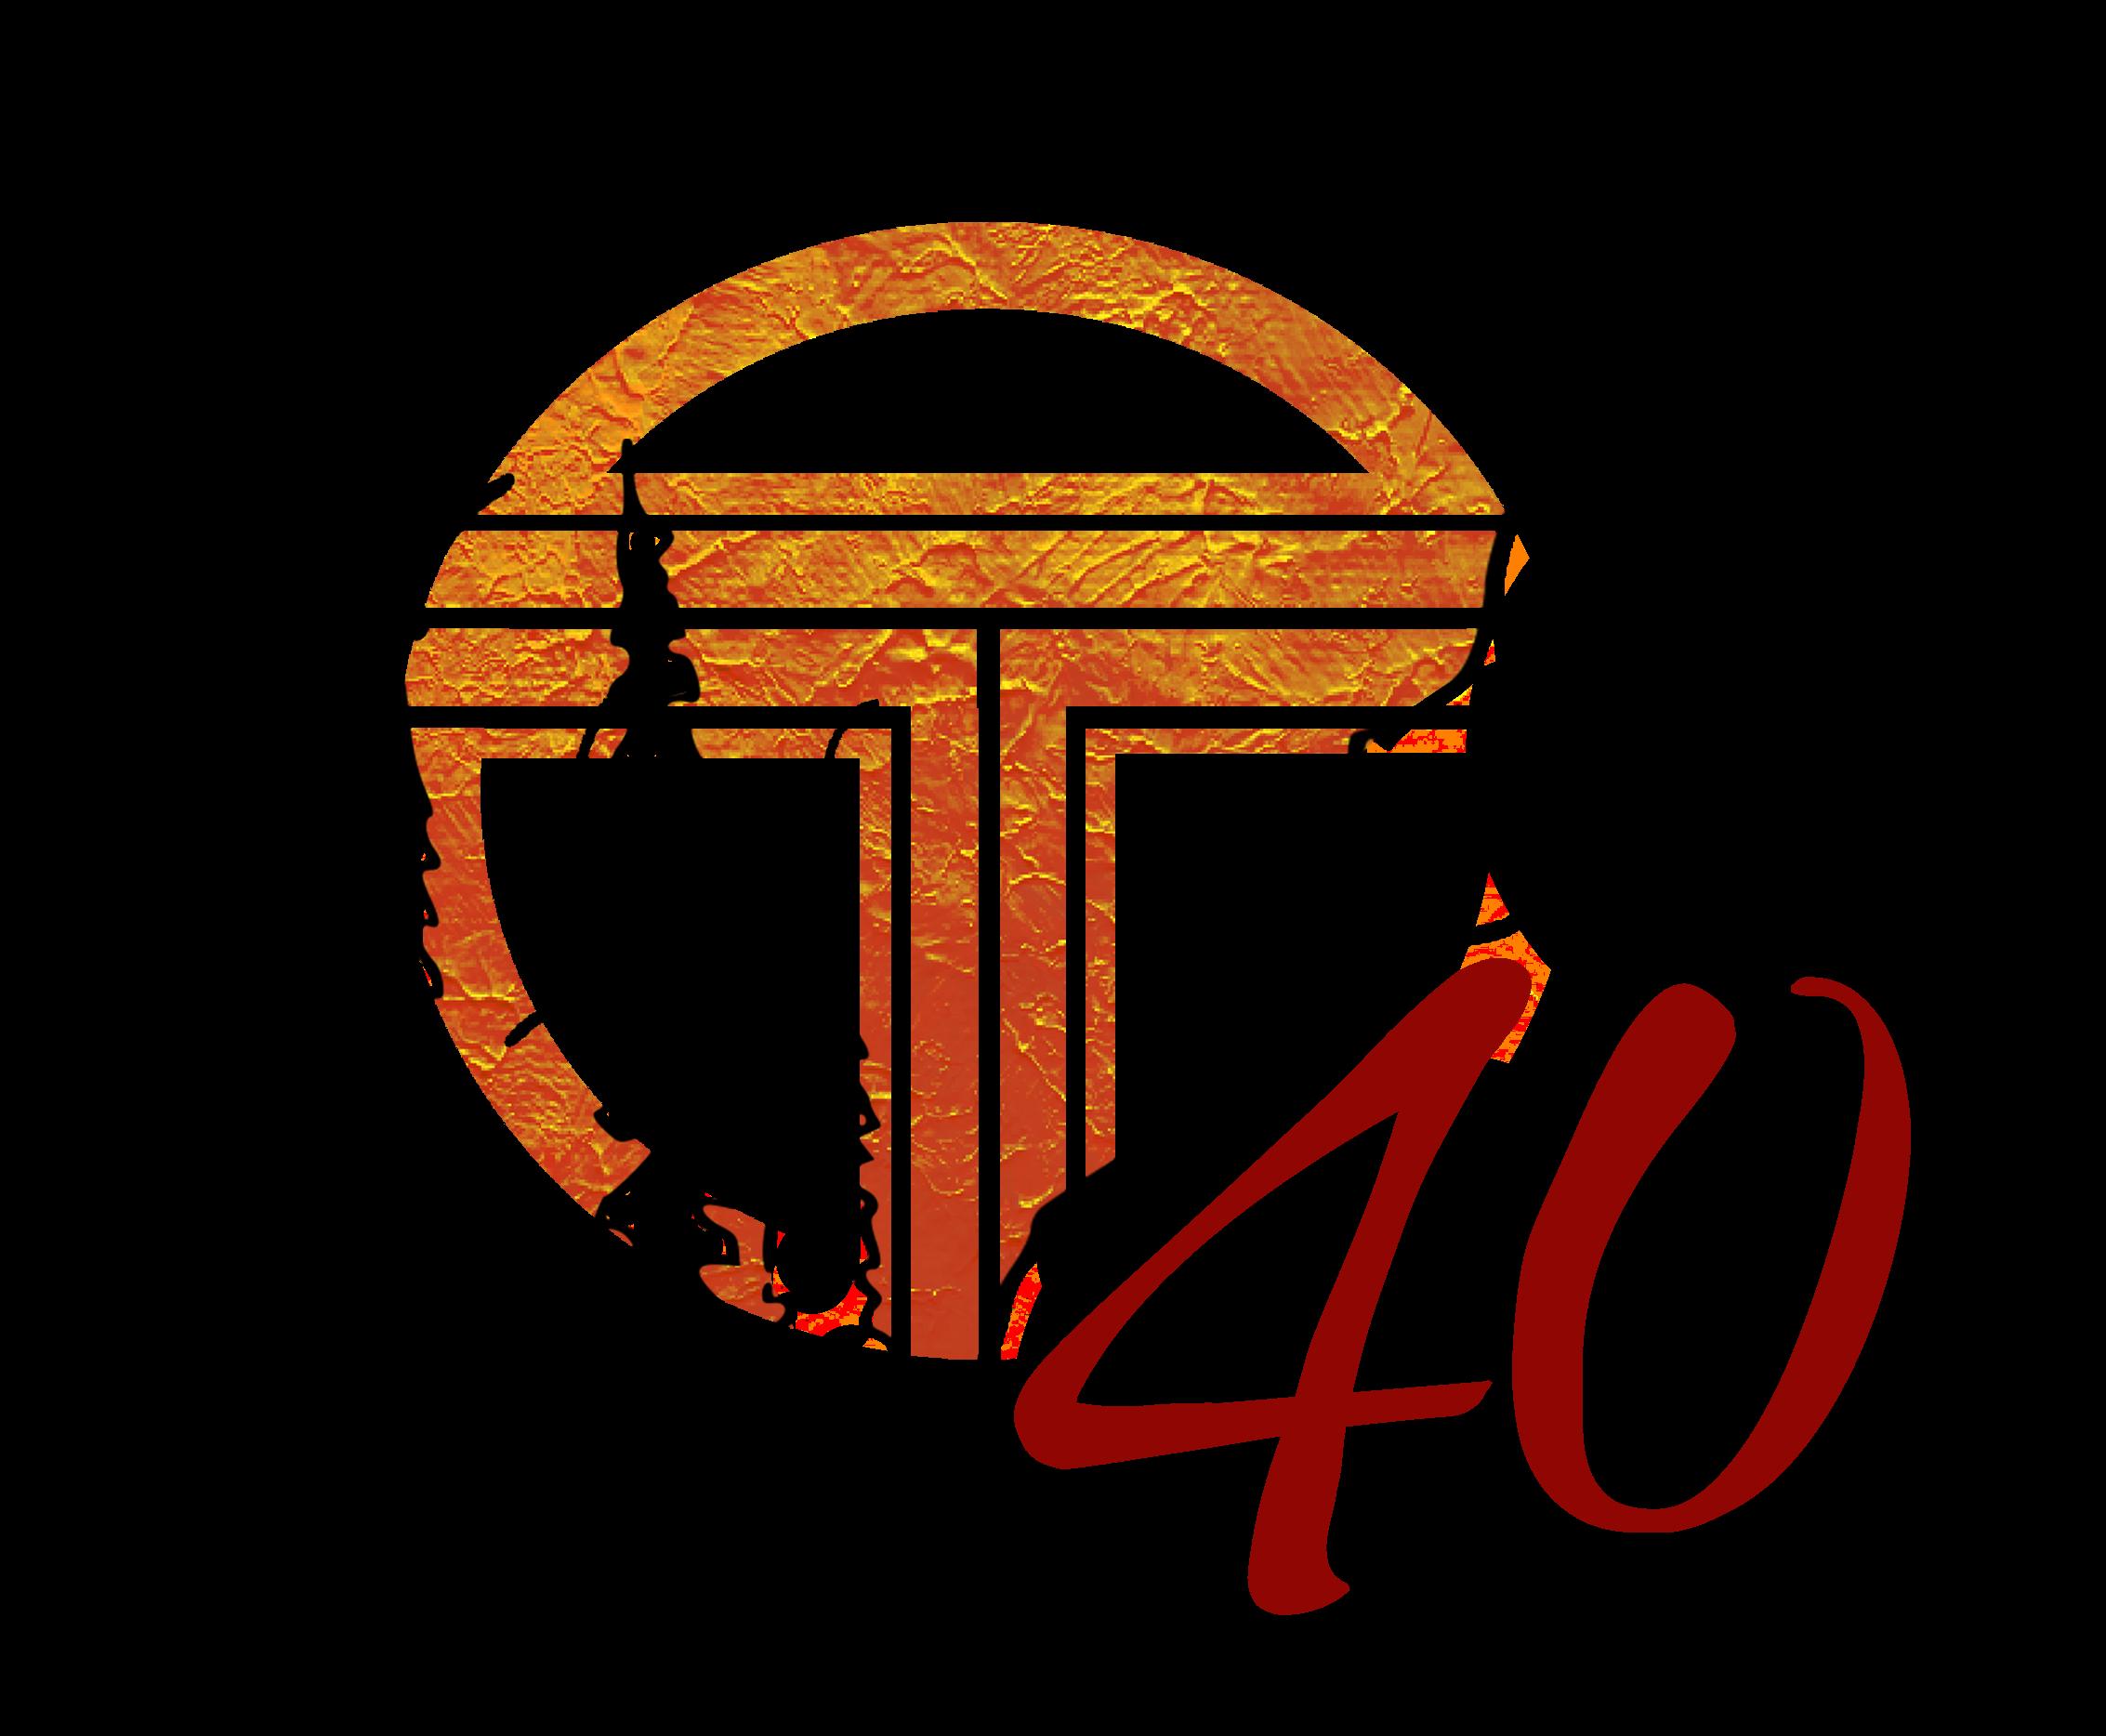 T40 EMBLEM 2